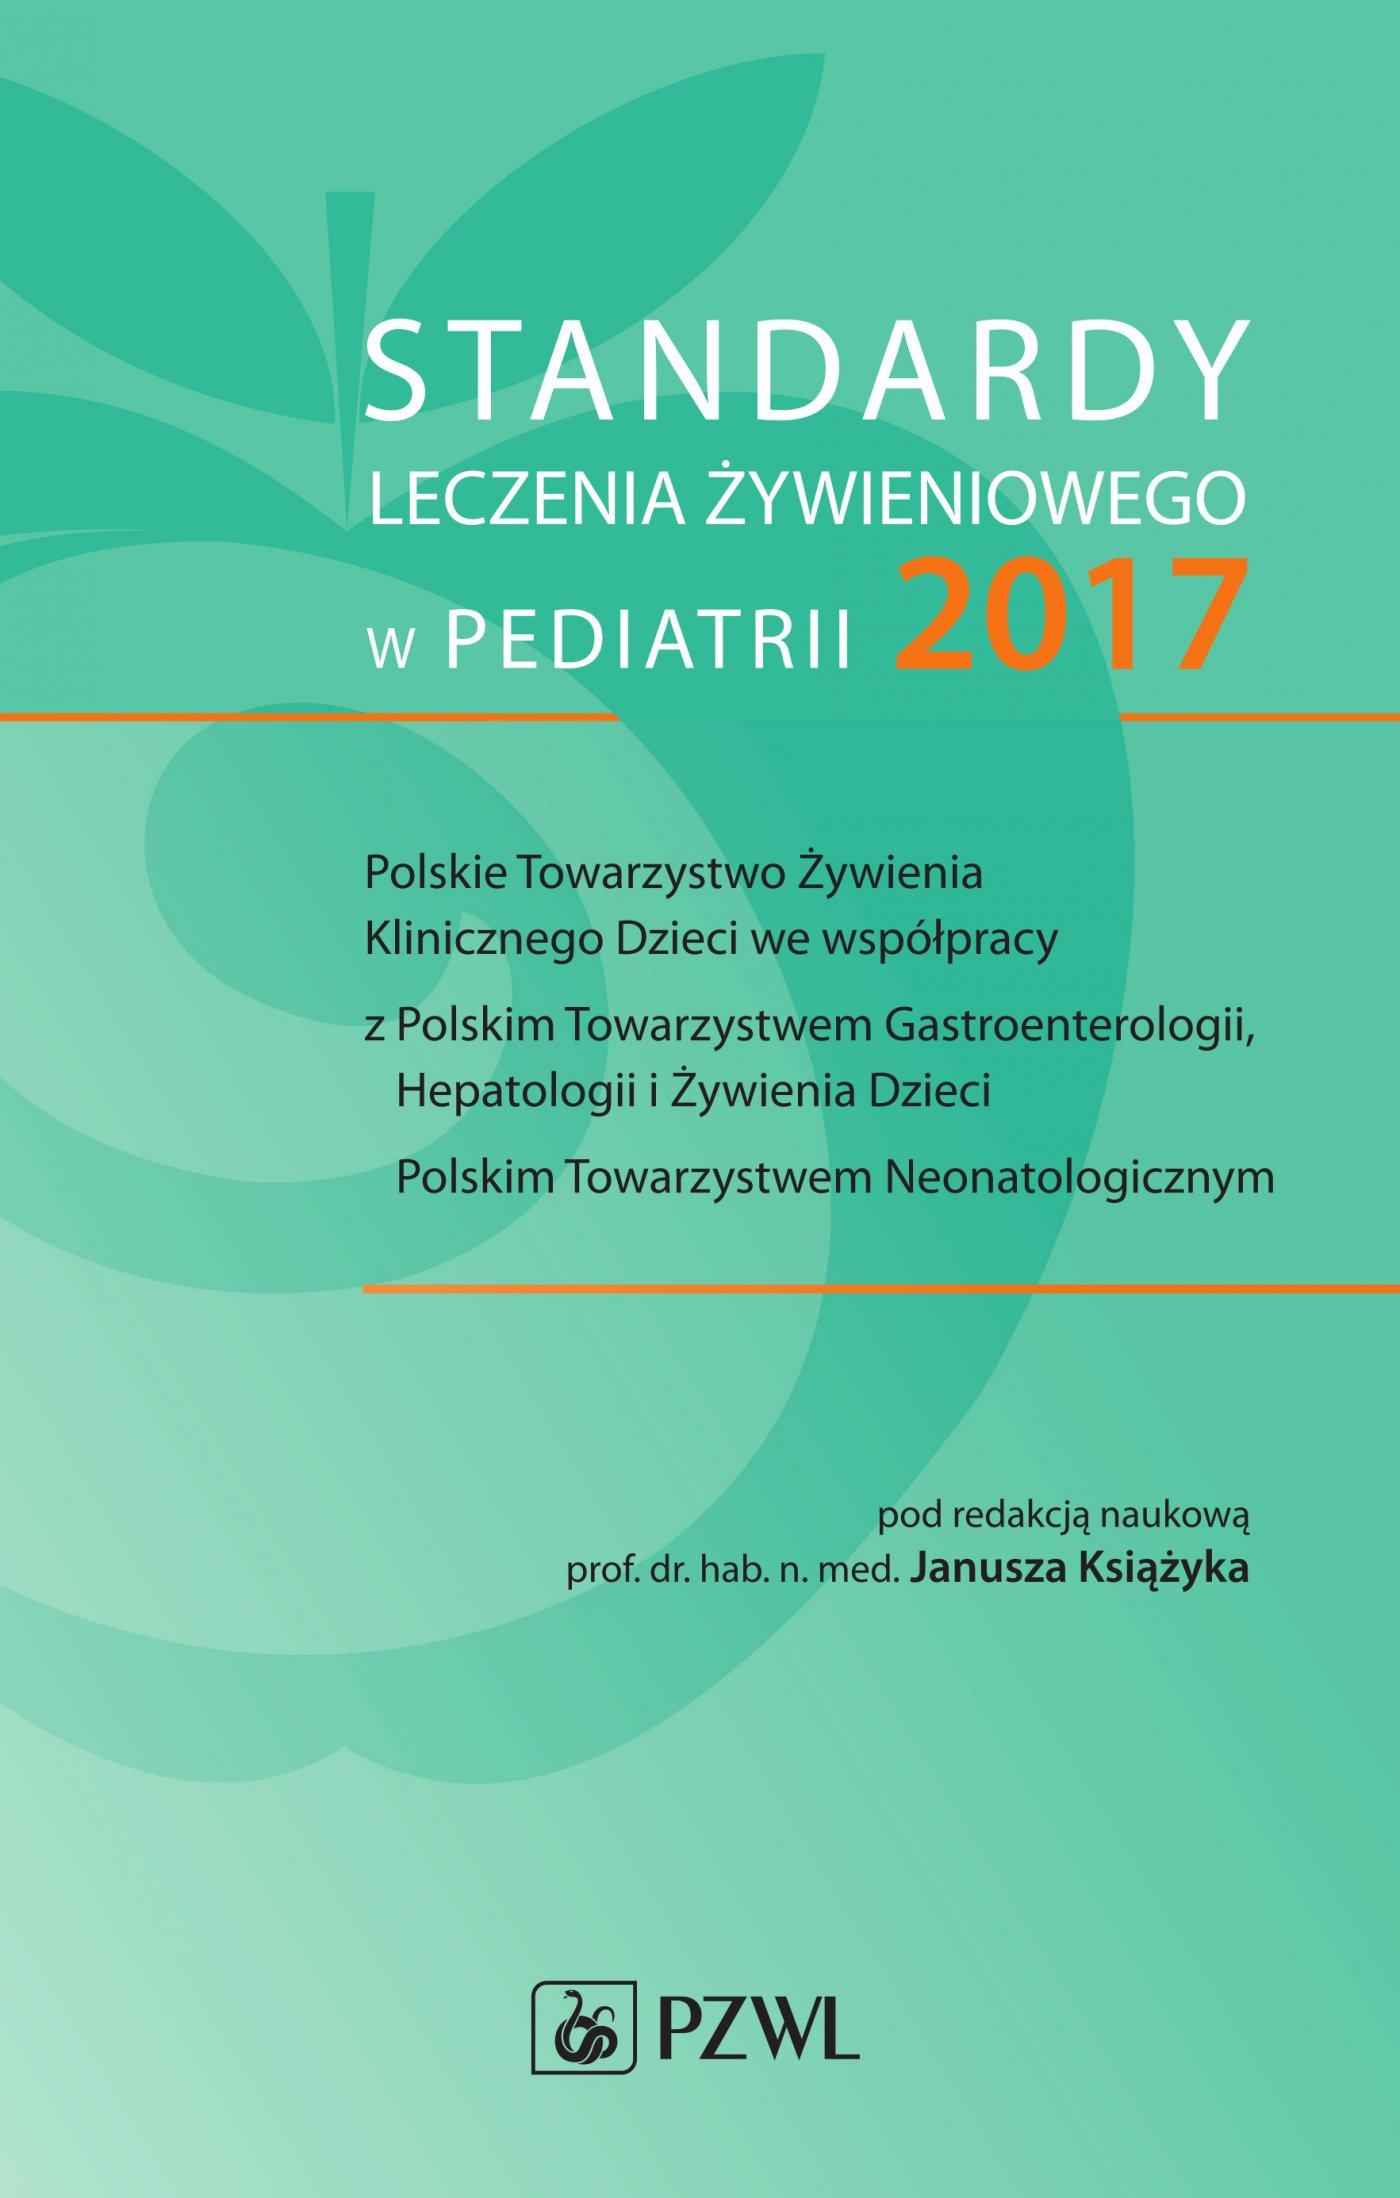 Standardy leczenia żywieniowego w pediatrii 2017 - Ebook (Książka na Kindle) do pobrania w formacie MOBI